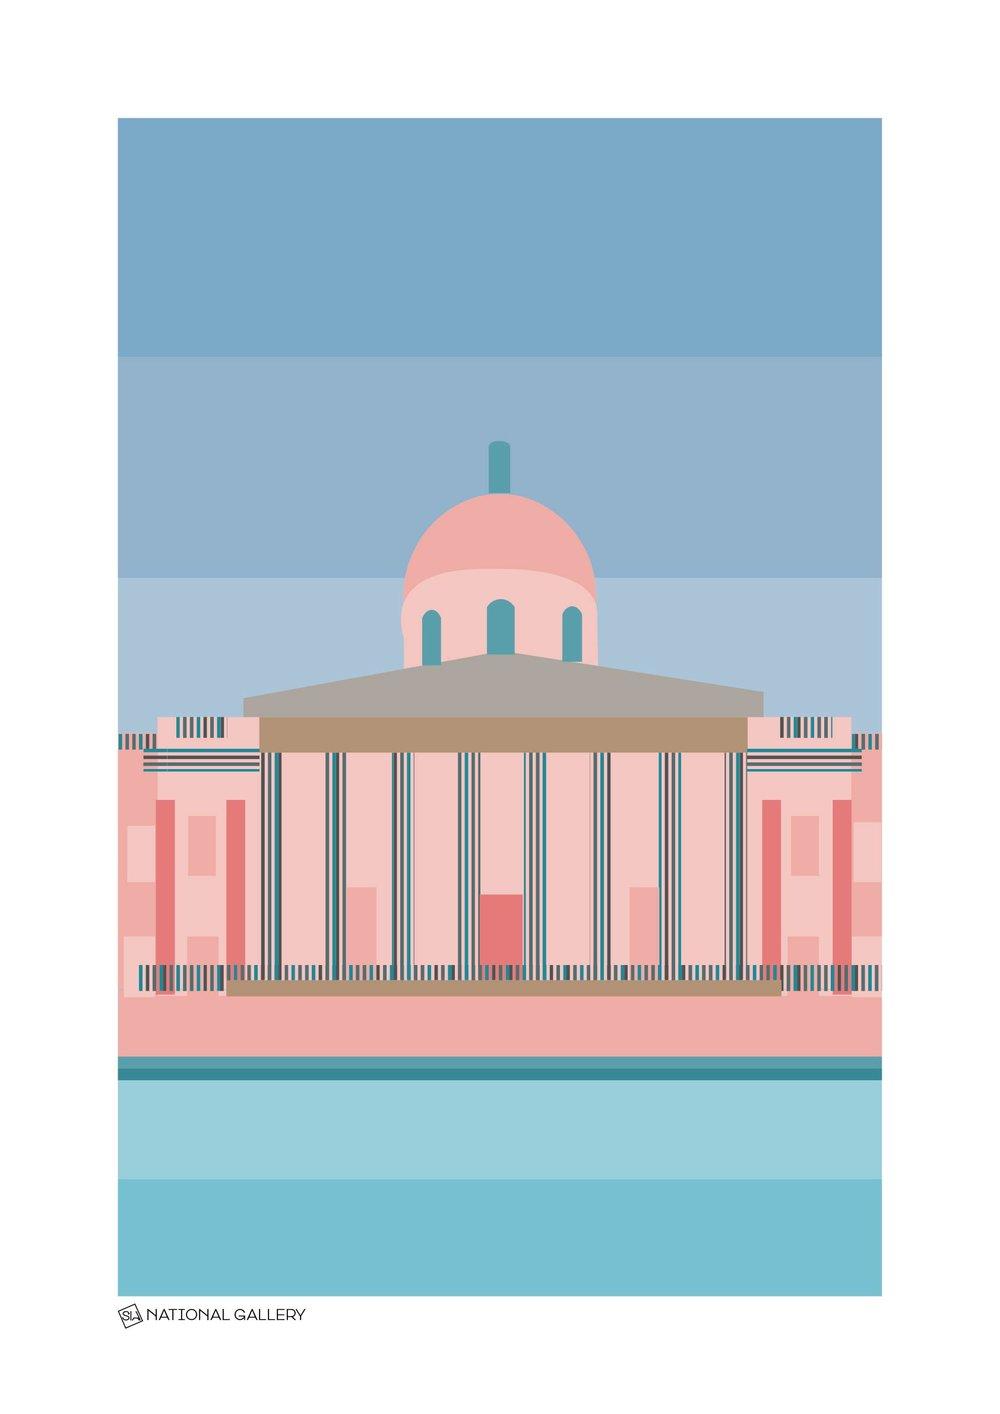 London 100_71_National Gallery Rustic.jpg